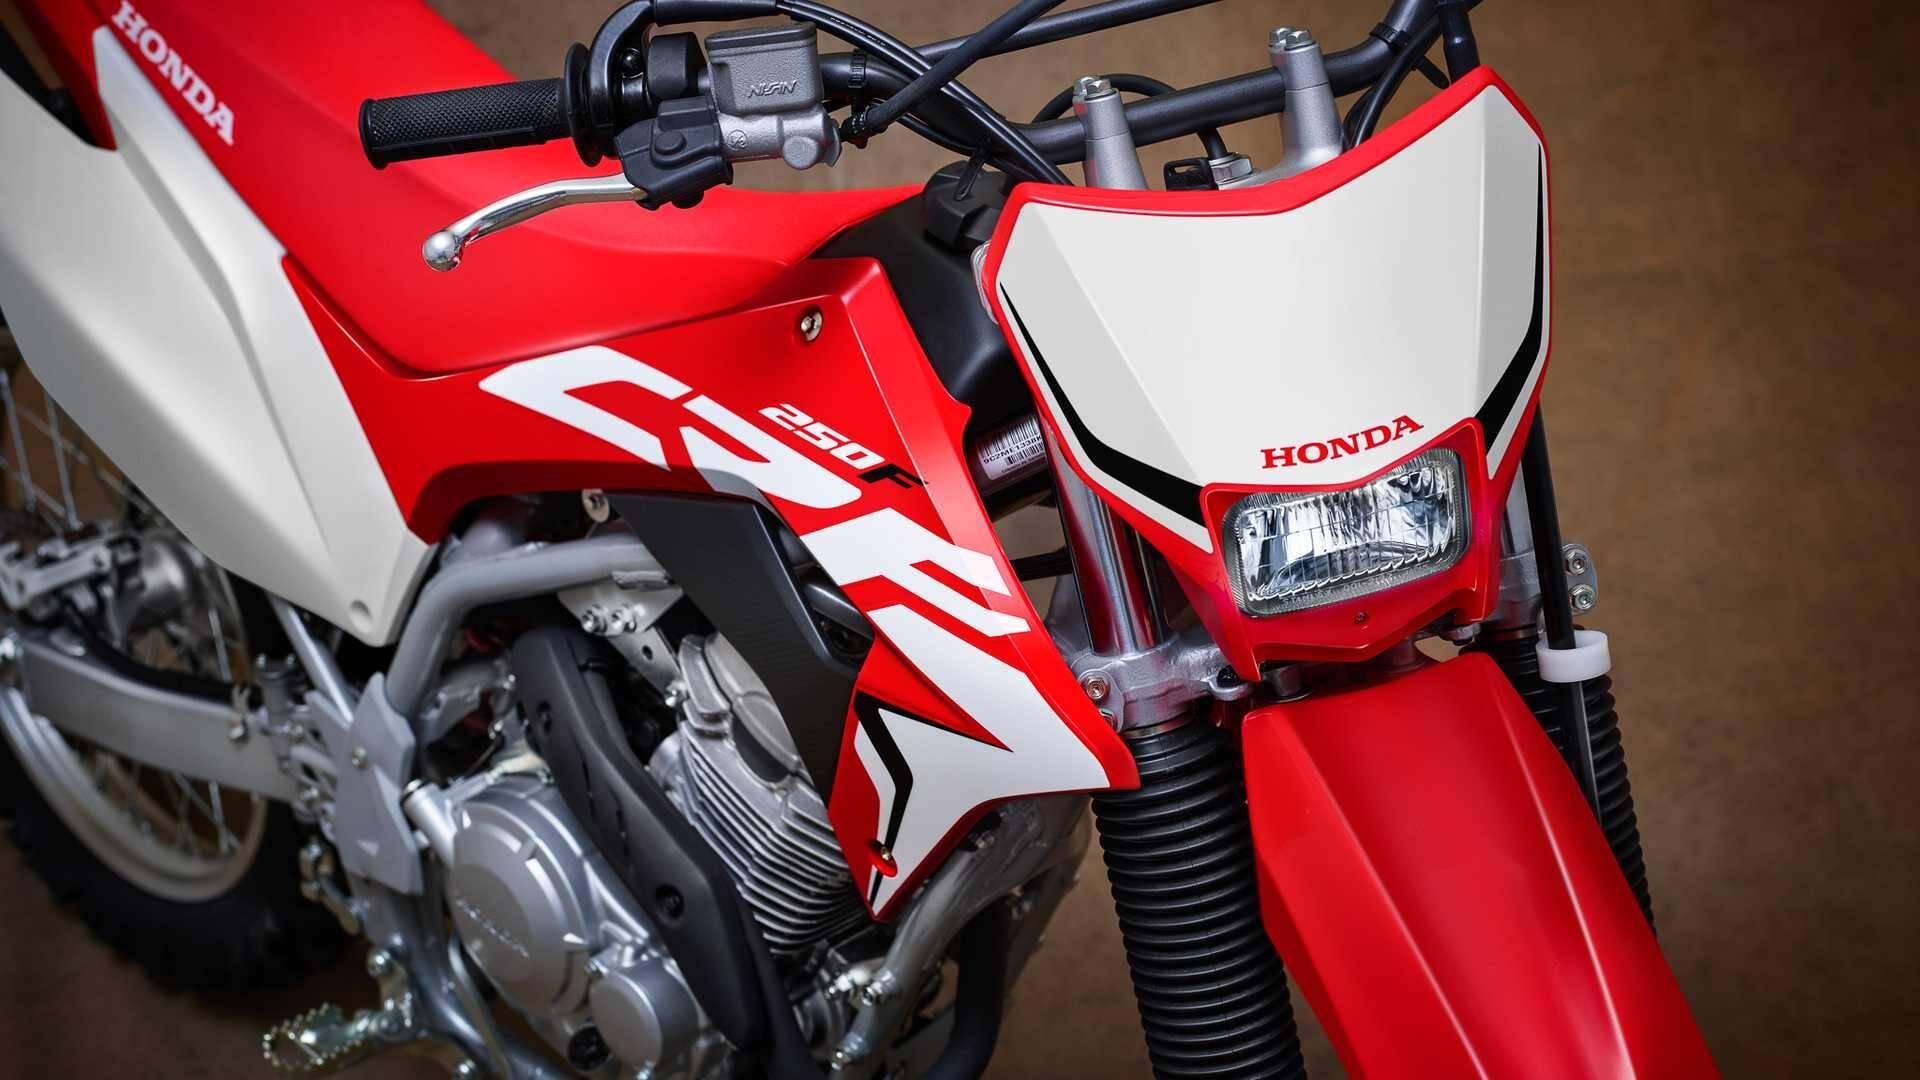 Honda CRF 250F. Foto: Divulgação